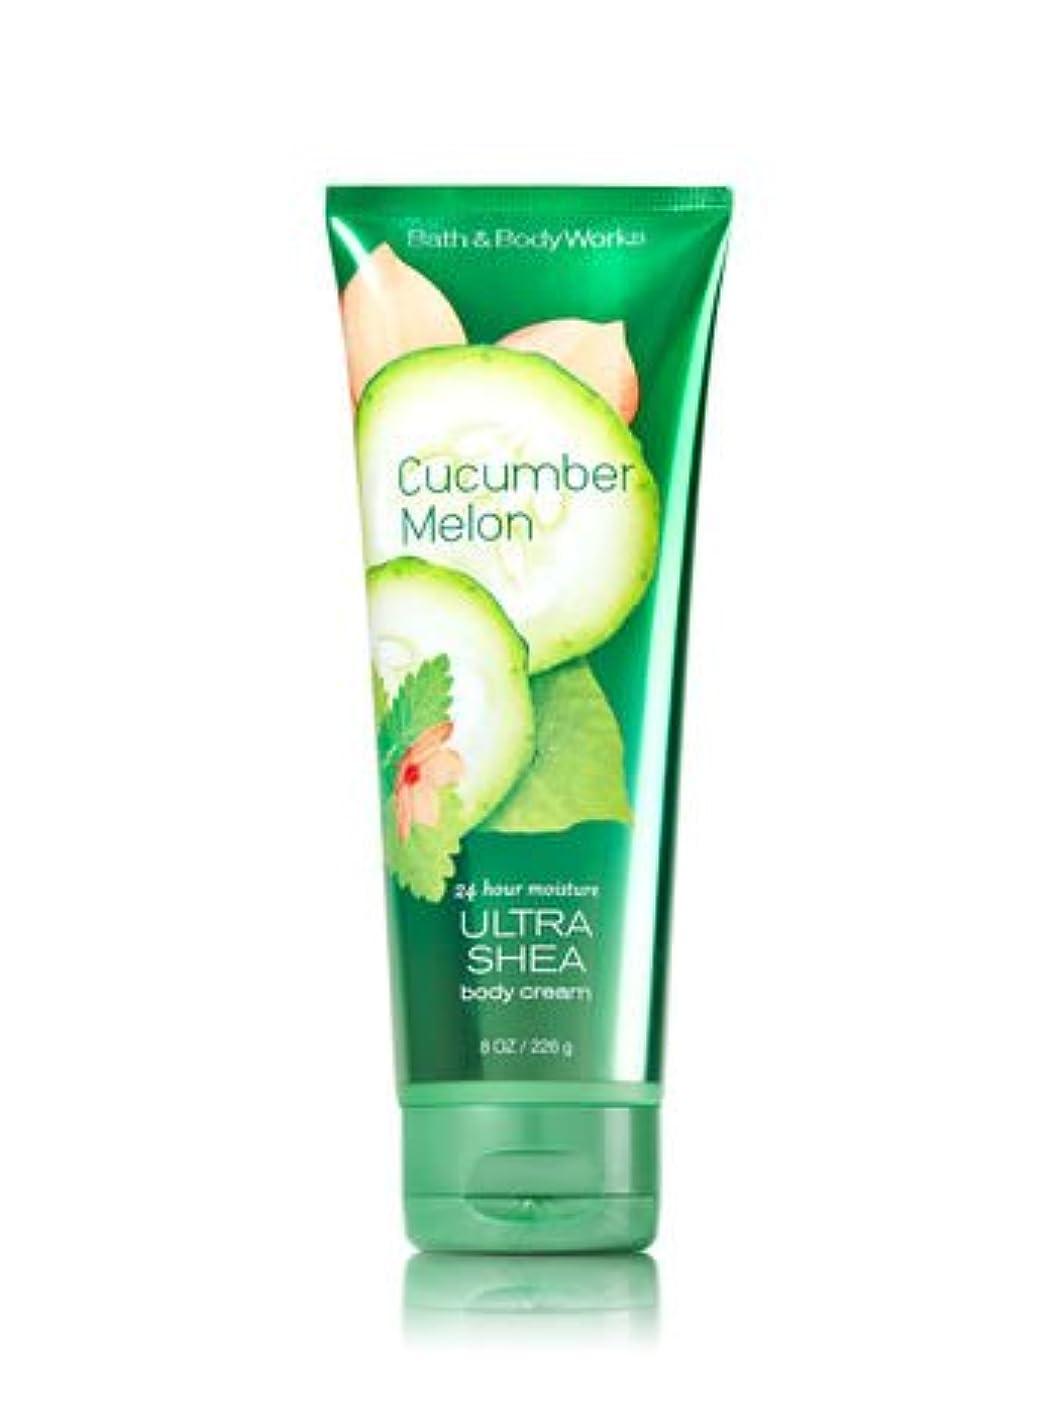 ライブ予約虫を数えるBath & Body Works バスアンドボディワークス ボディクリーム 並行輸入 (Cucumber Melon)